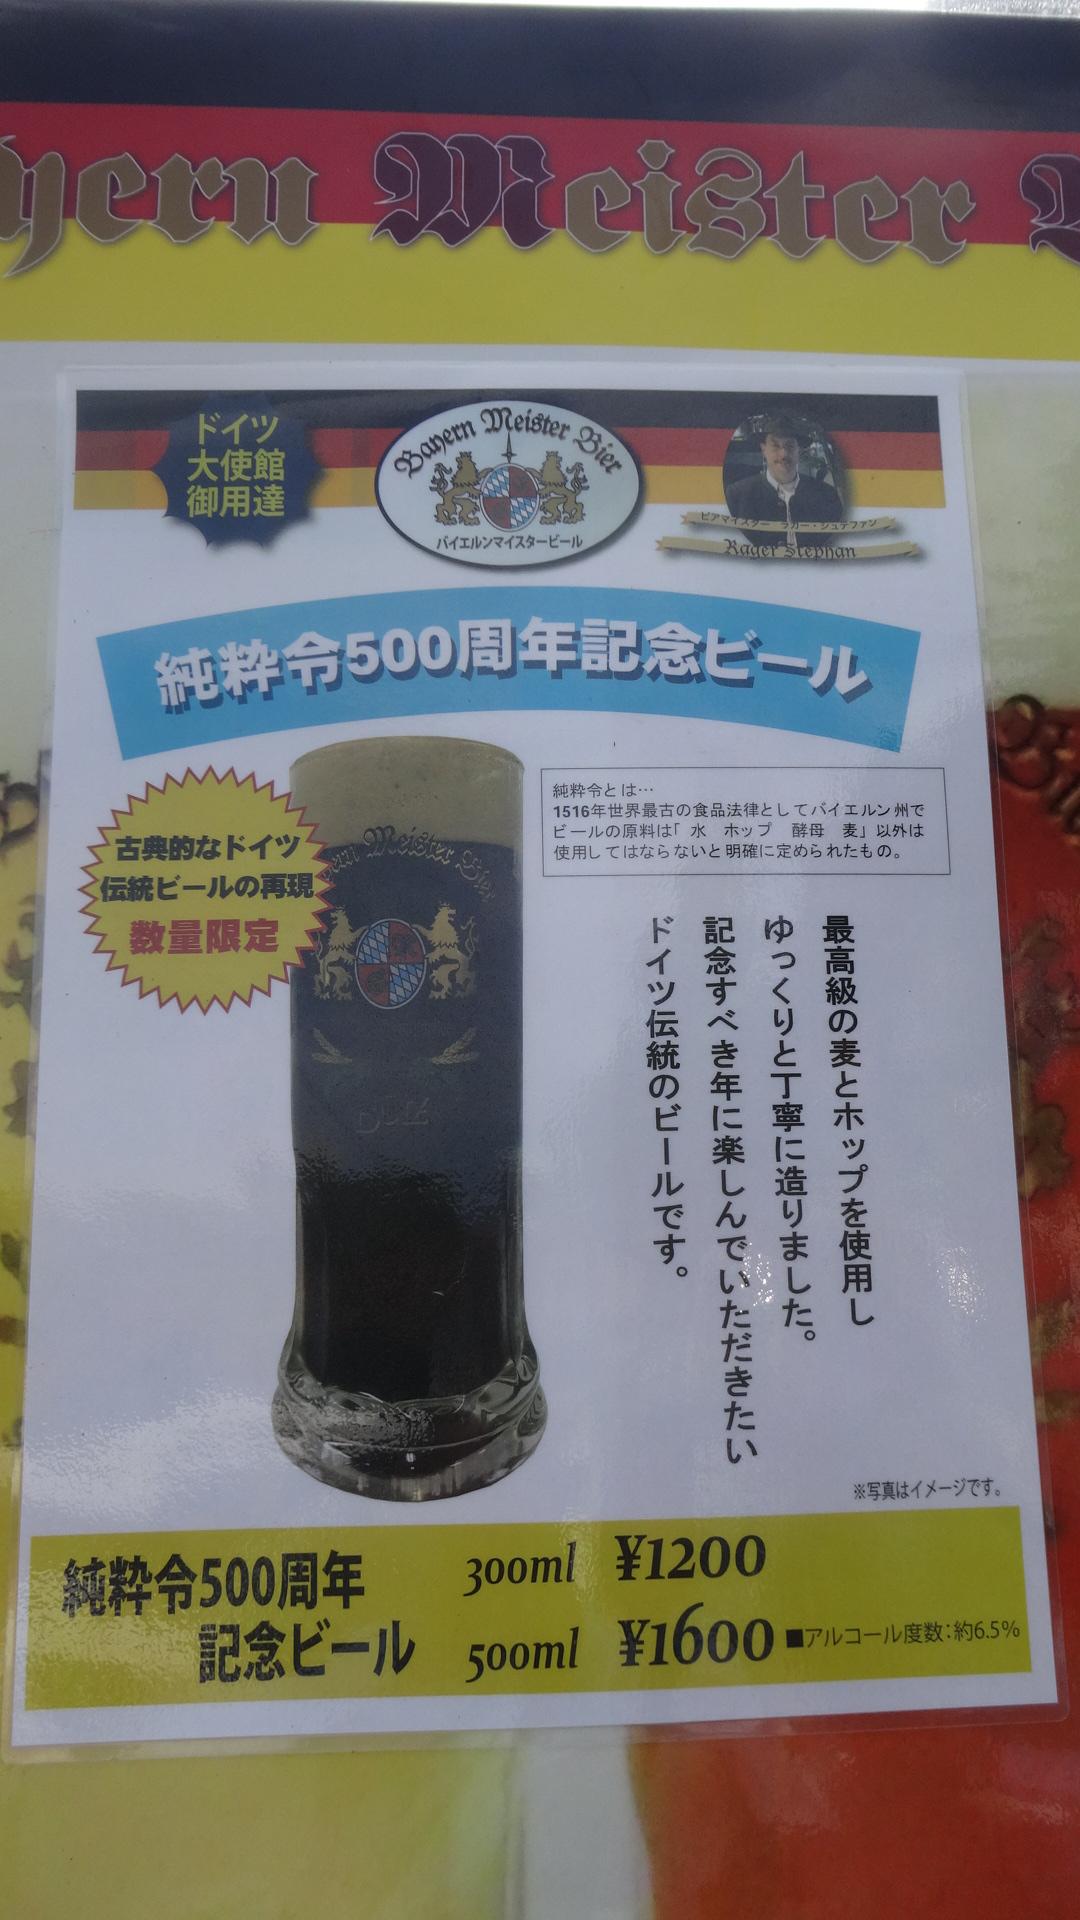 ビール純粋令500周年記念ビールの宣伝ビラ